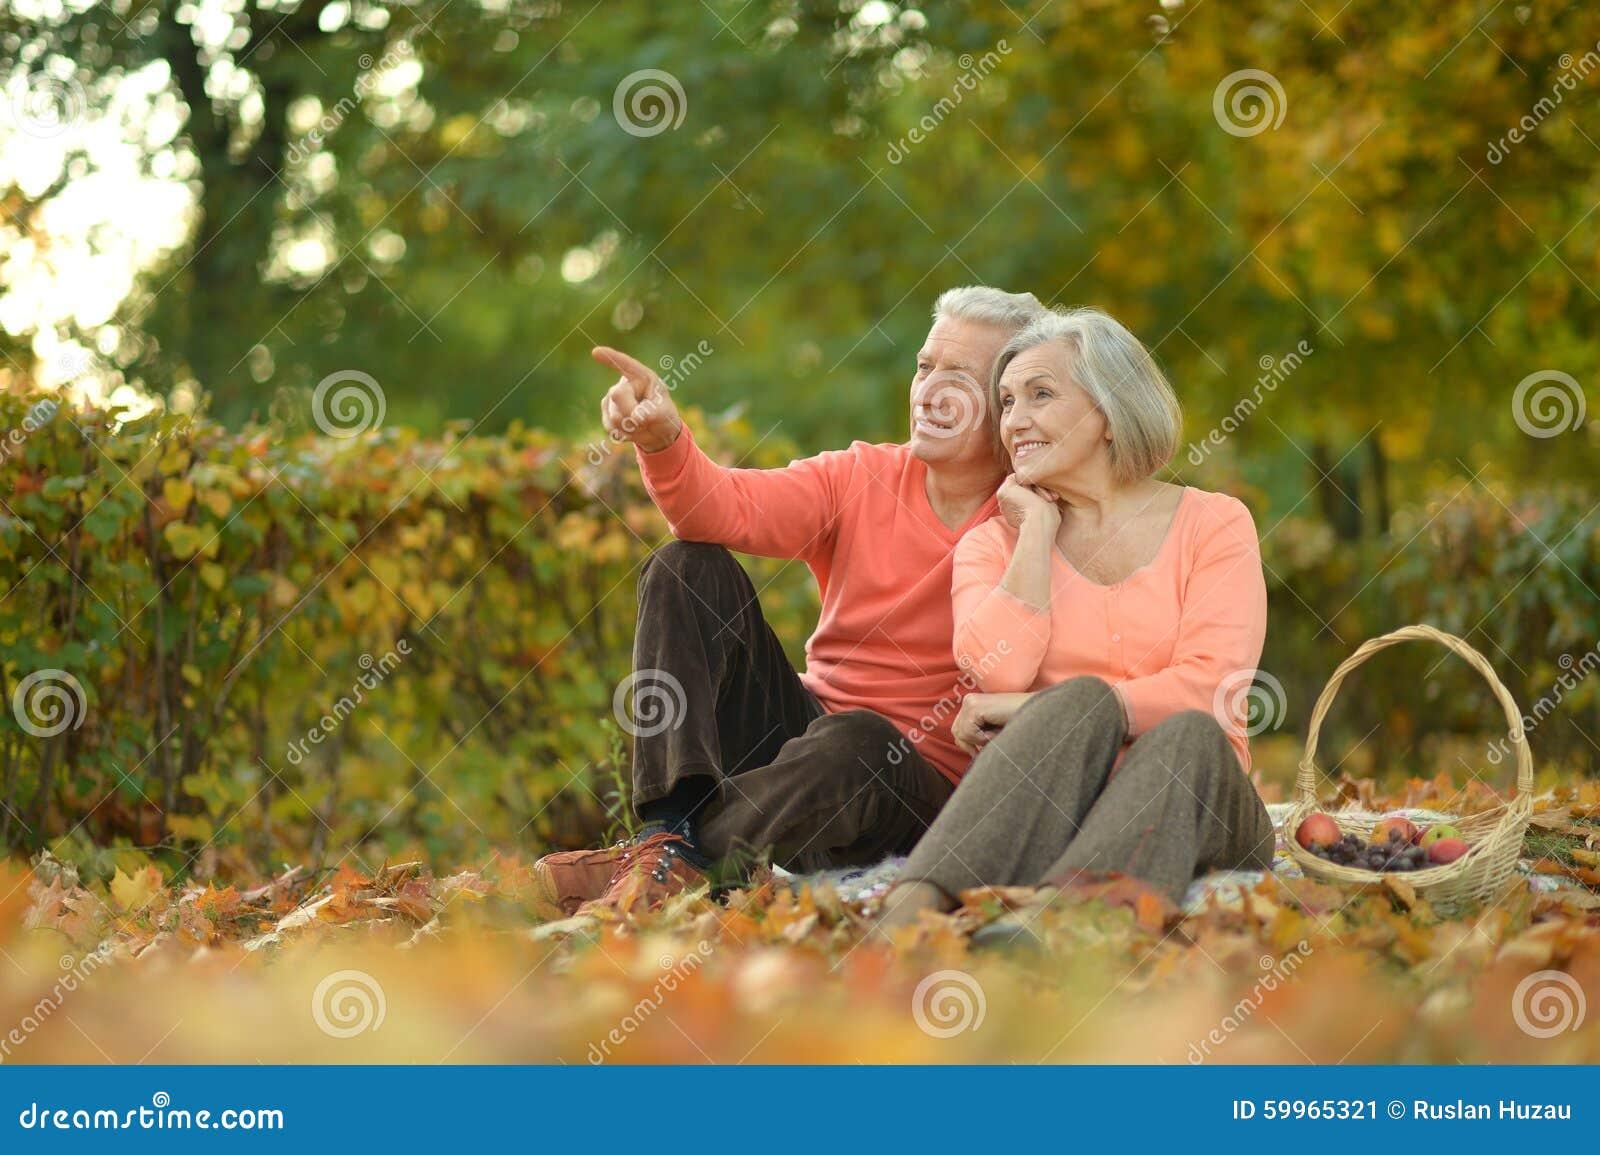 фото пожилые на природе